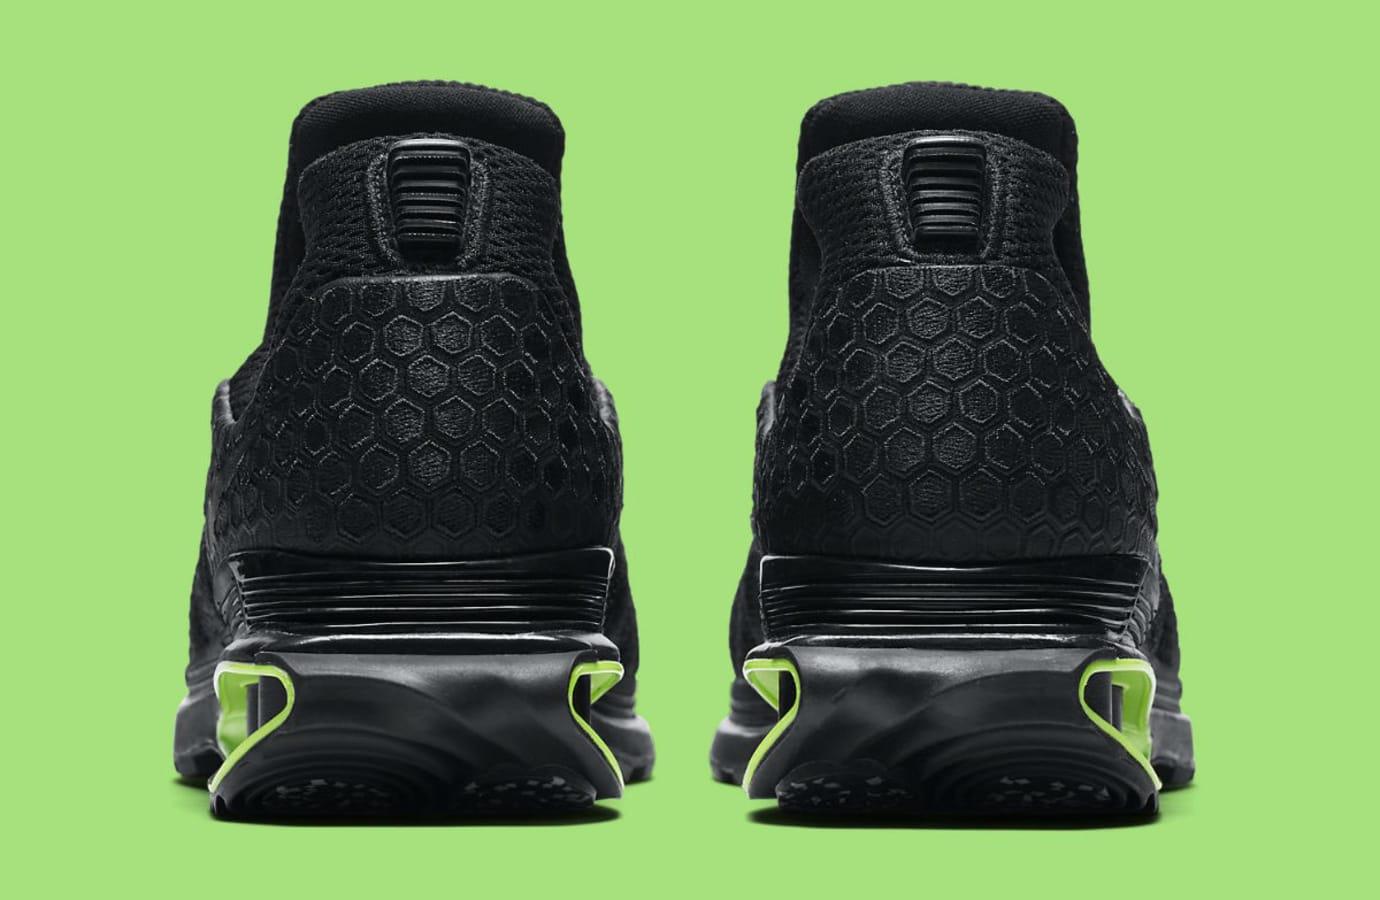 Nike Shox Gravity Luxe Black Green Strike Release Date AR1470-003 Heel